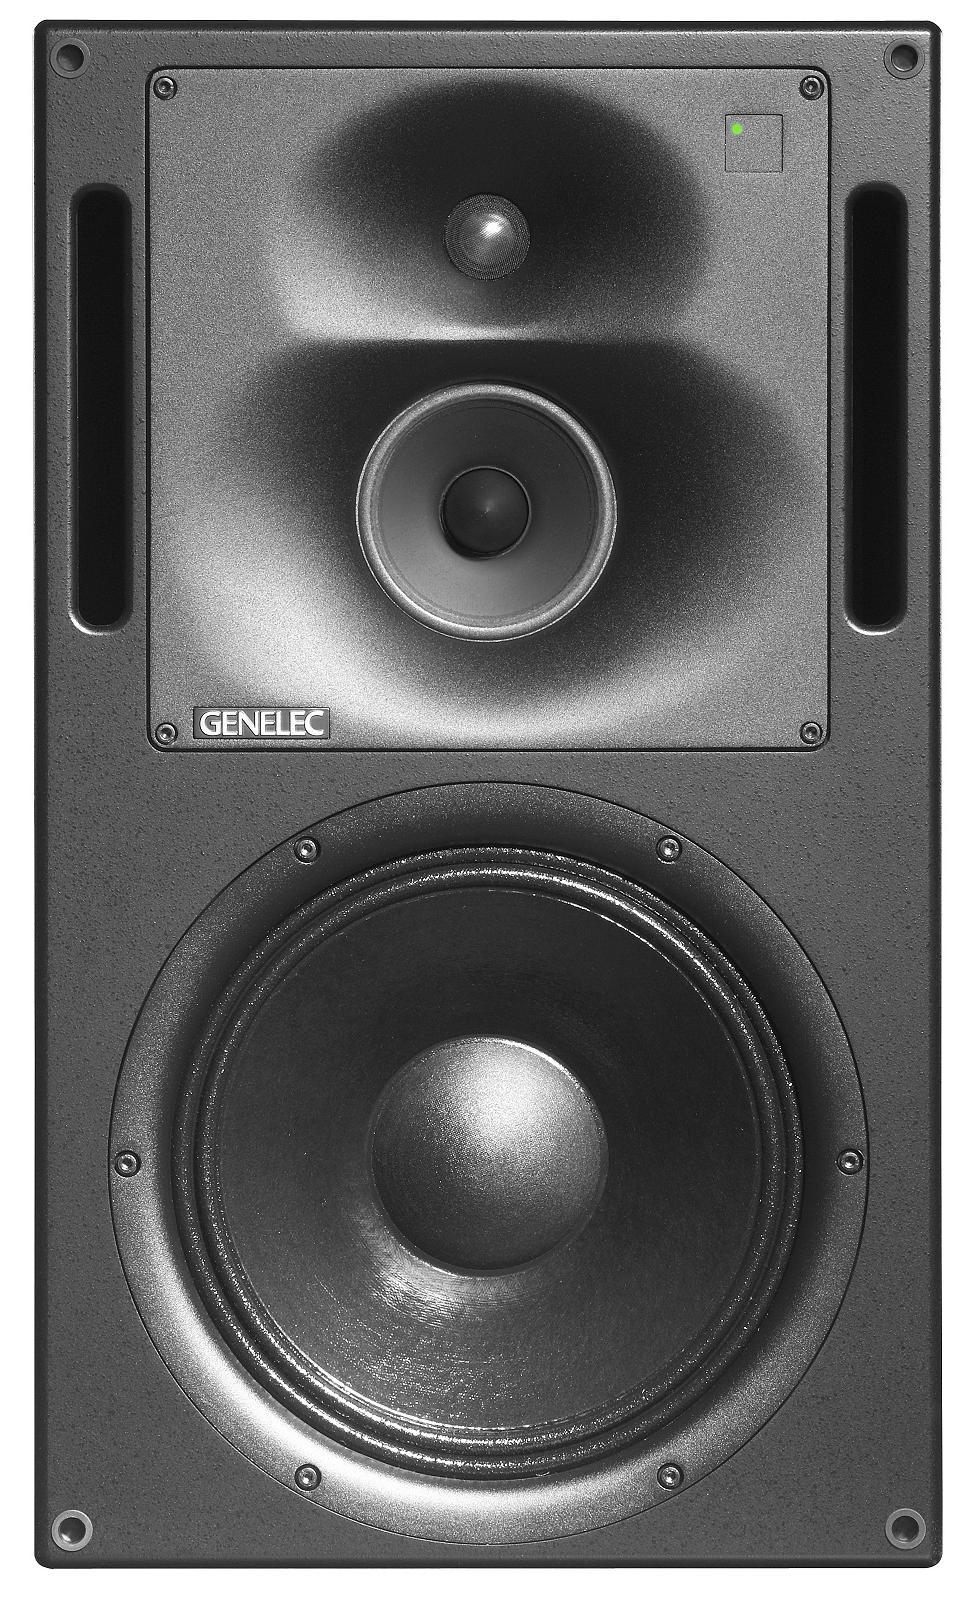 Genelec HT315 - 3х полосный монитор с усилителем (Black)